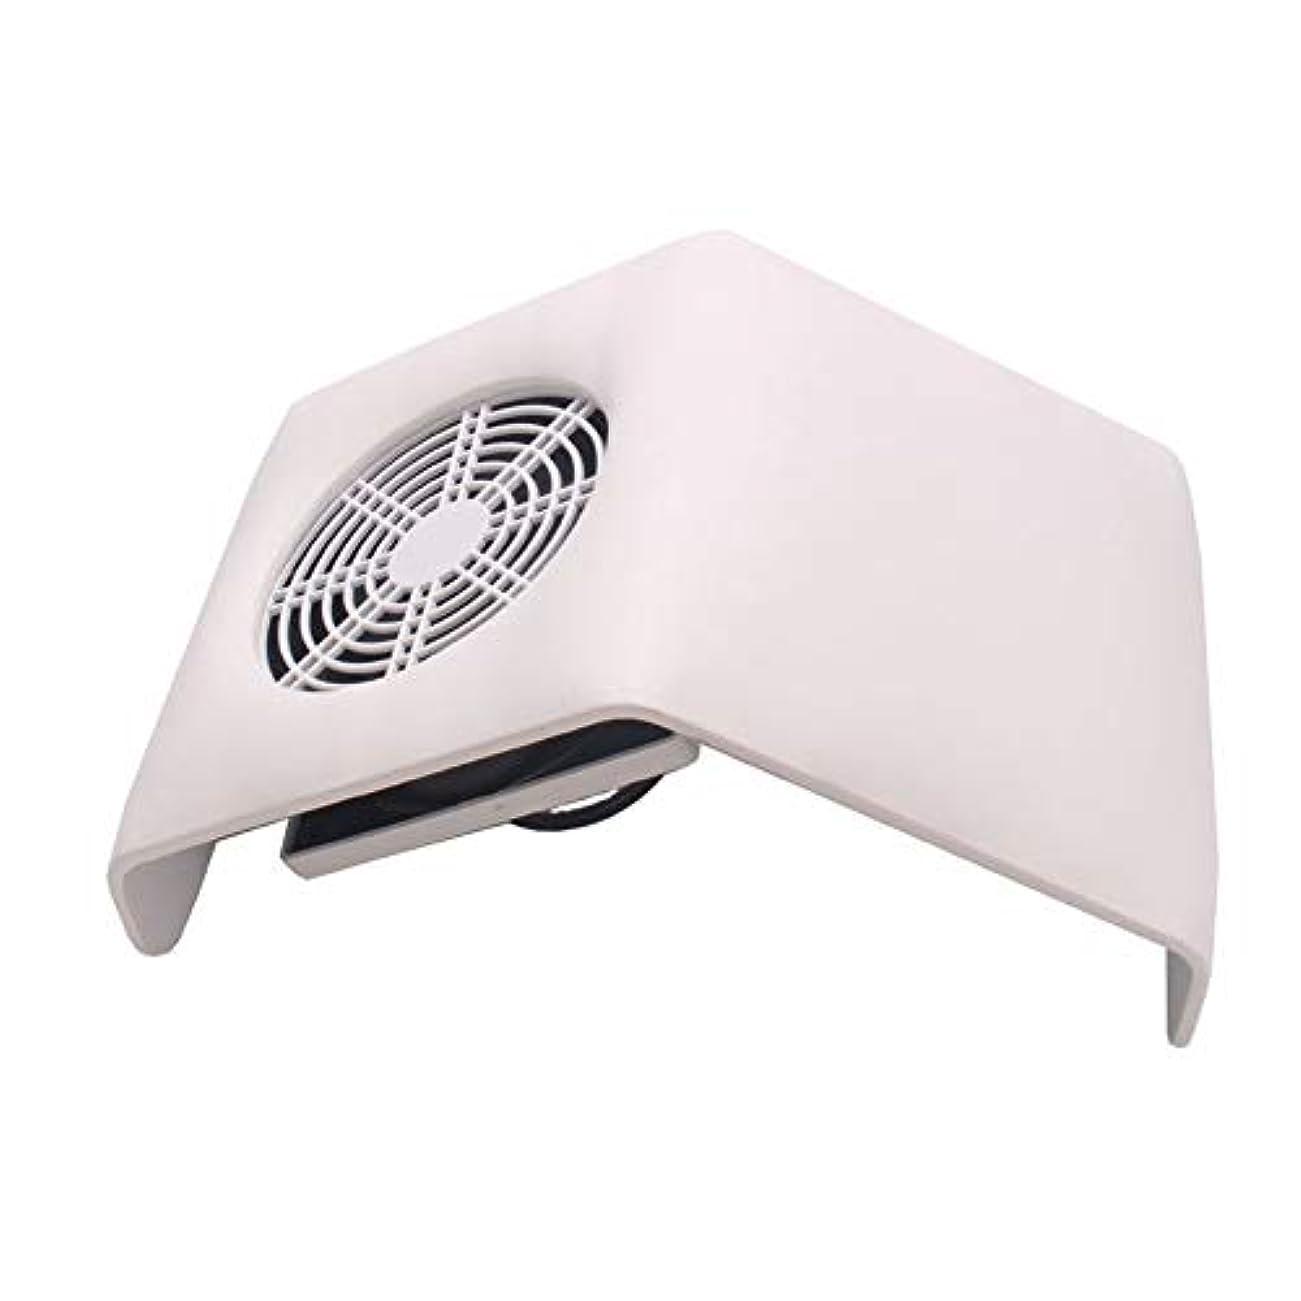 フライトシロクマギャラントリー集塵機吸引ファン、2つの集塵袋付きネイル掃除機バッグネイルアートマニキュアサロンツールの収集マニキュアの工作機械ダストネイル (Color : White)